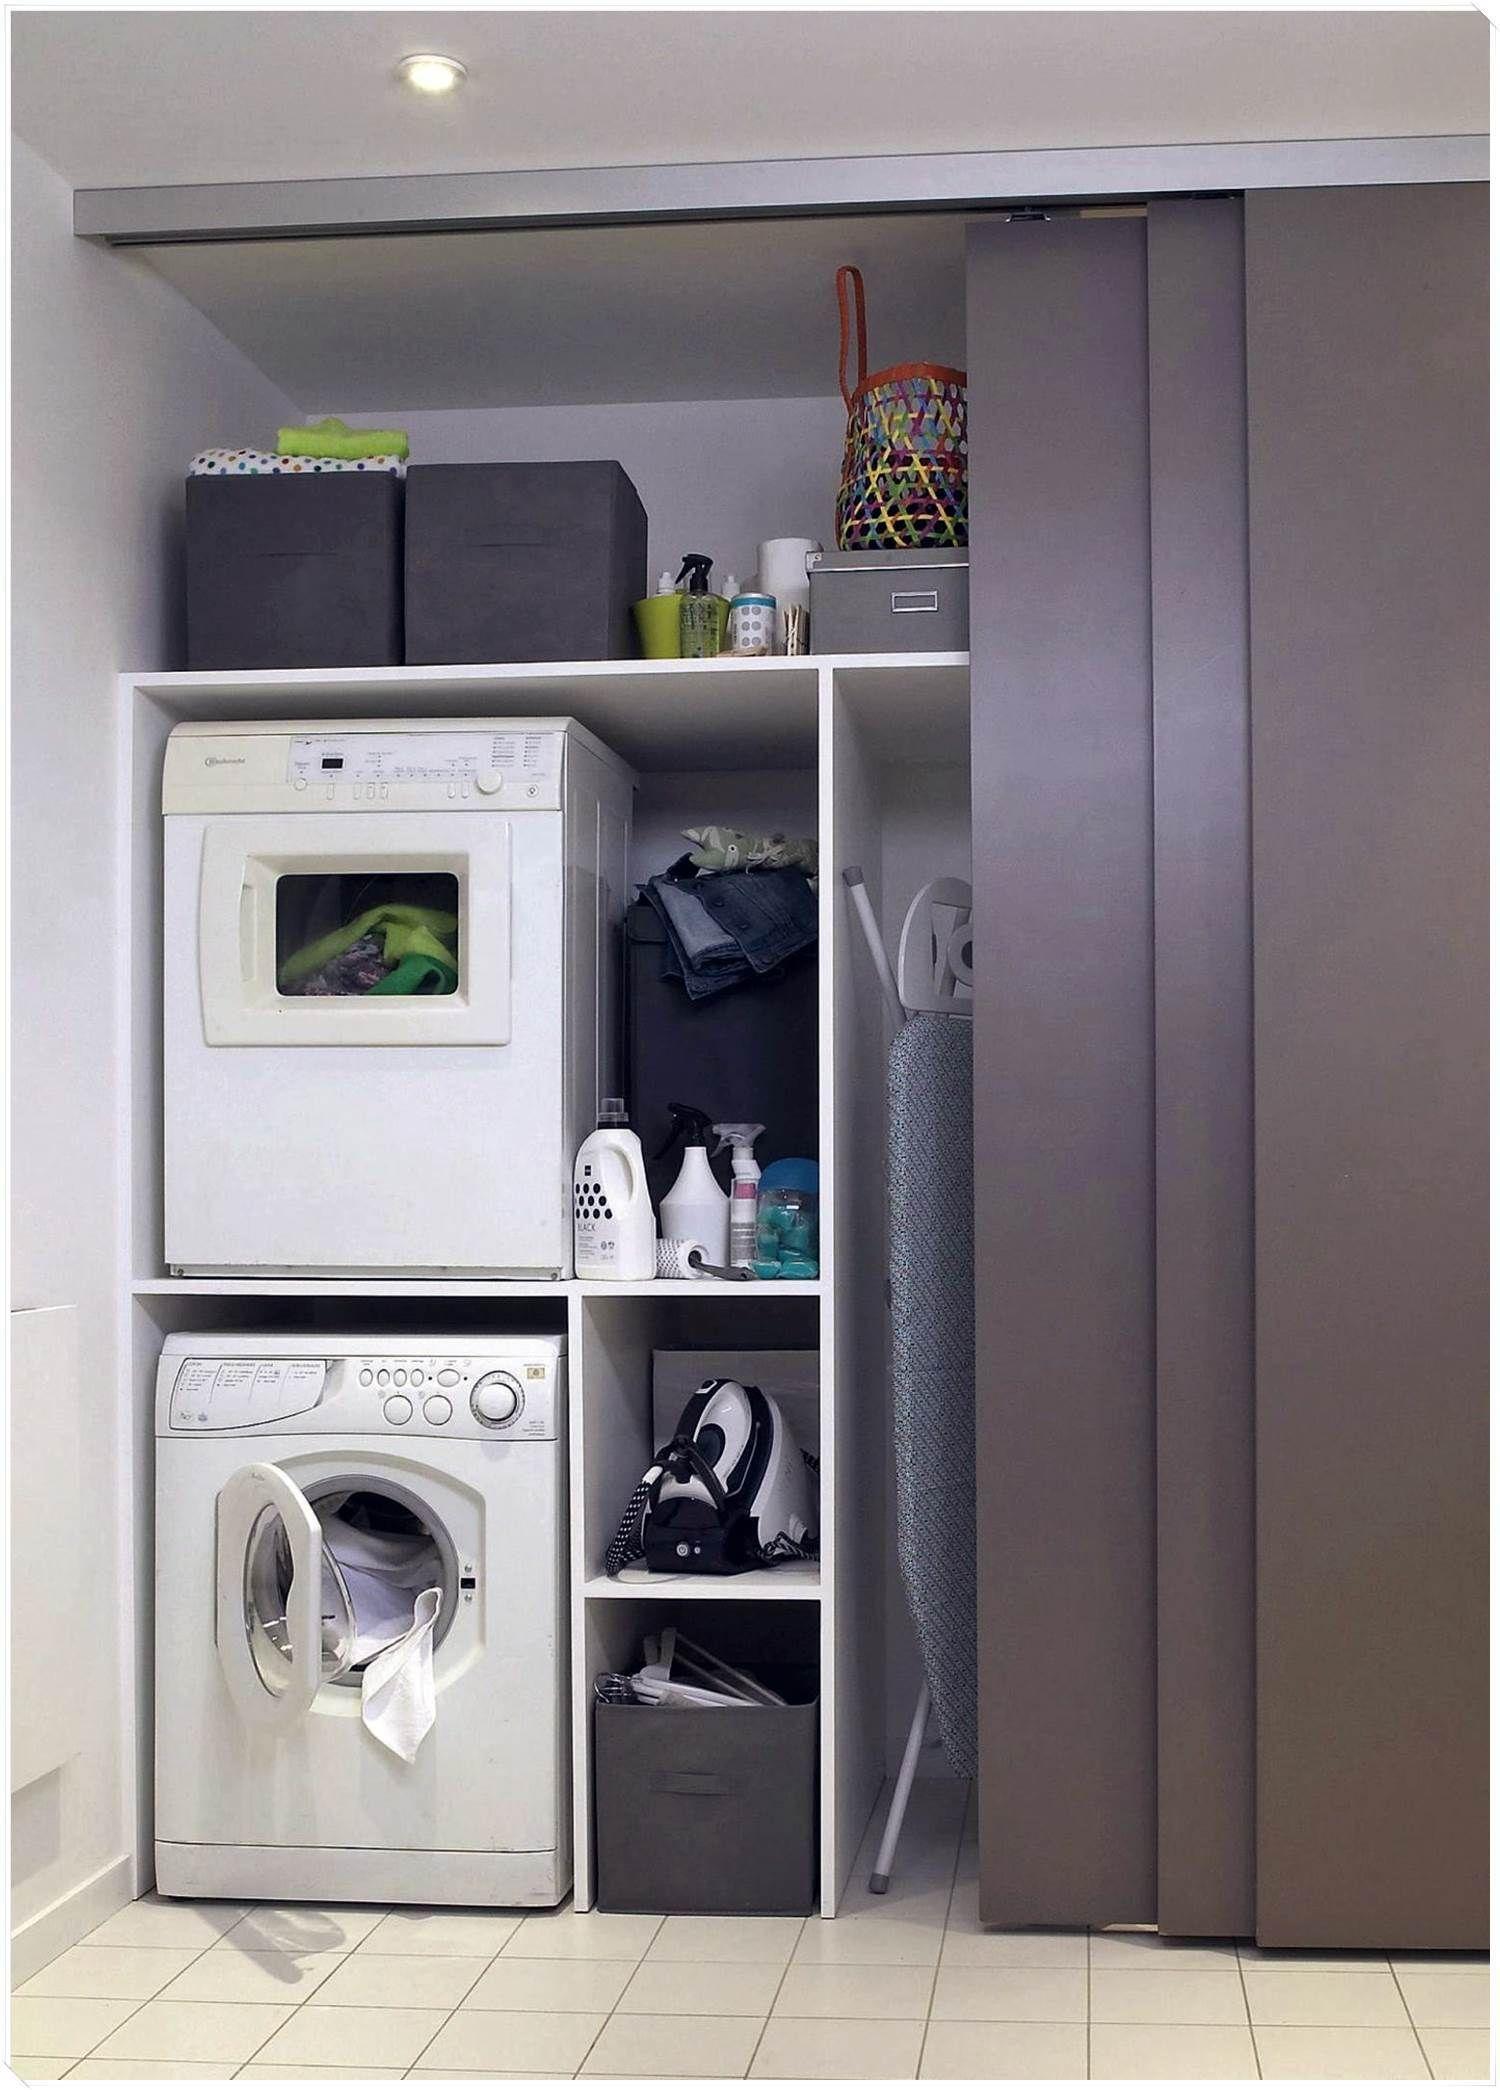 Attrayant De Maison Decoration Murale Vers Lave Linge Encastrable Ikea Aboutshiva Com Wasruimtes Kleine Wasruimtes Wasruimte Design